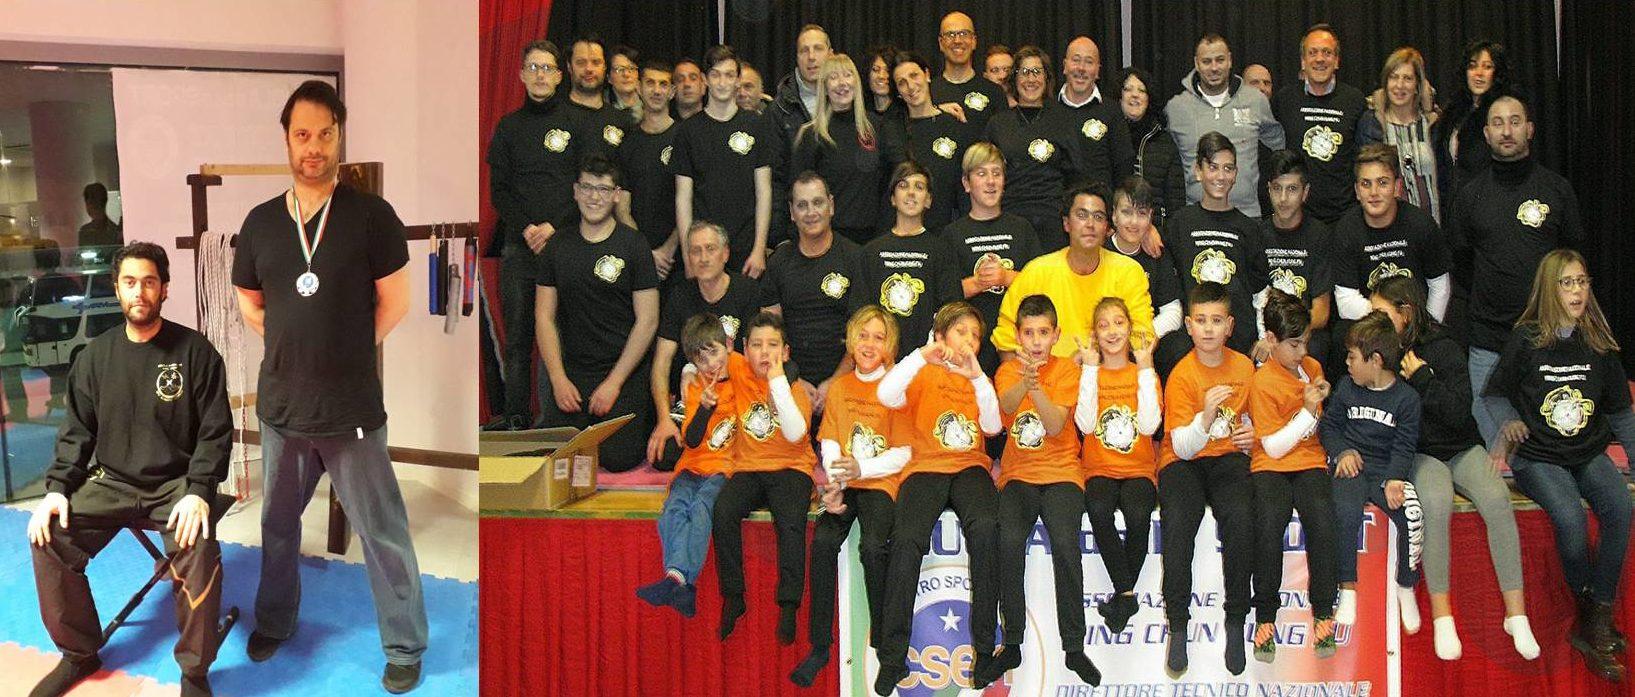 Campionati italiani di kung fu, ad Anagni medaglia d'argento ad un avezzanese